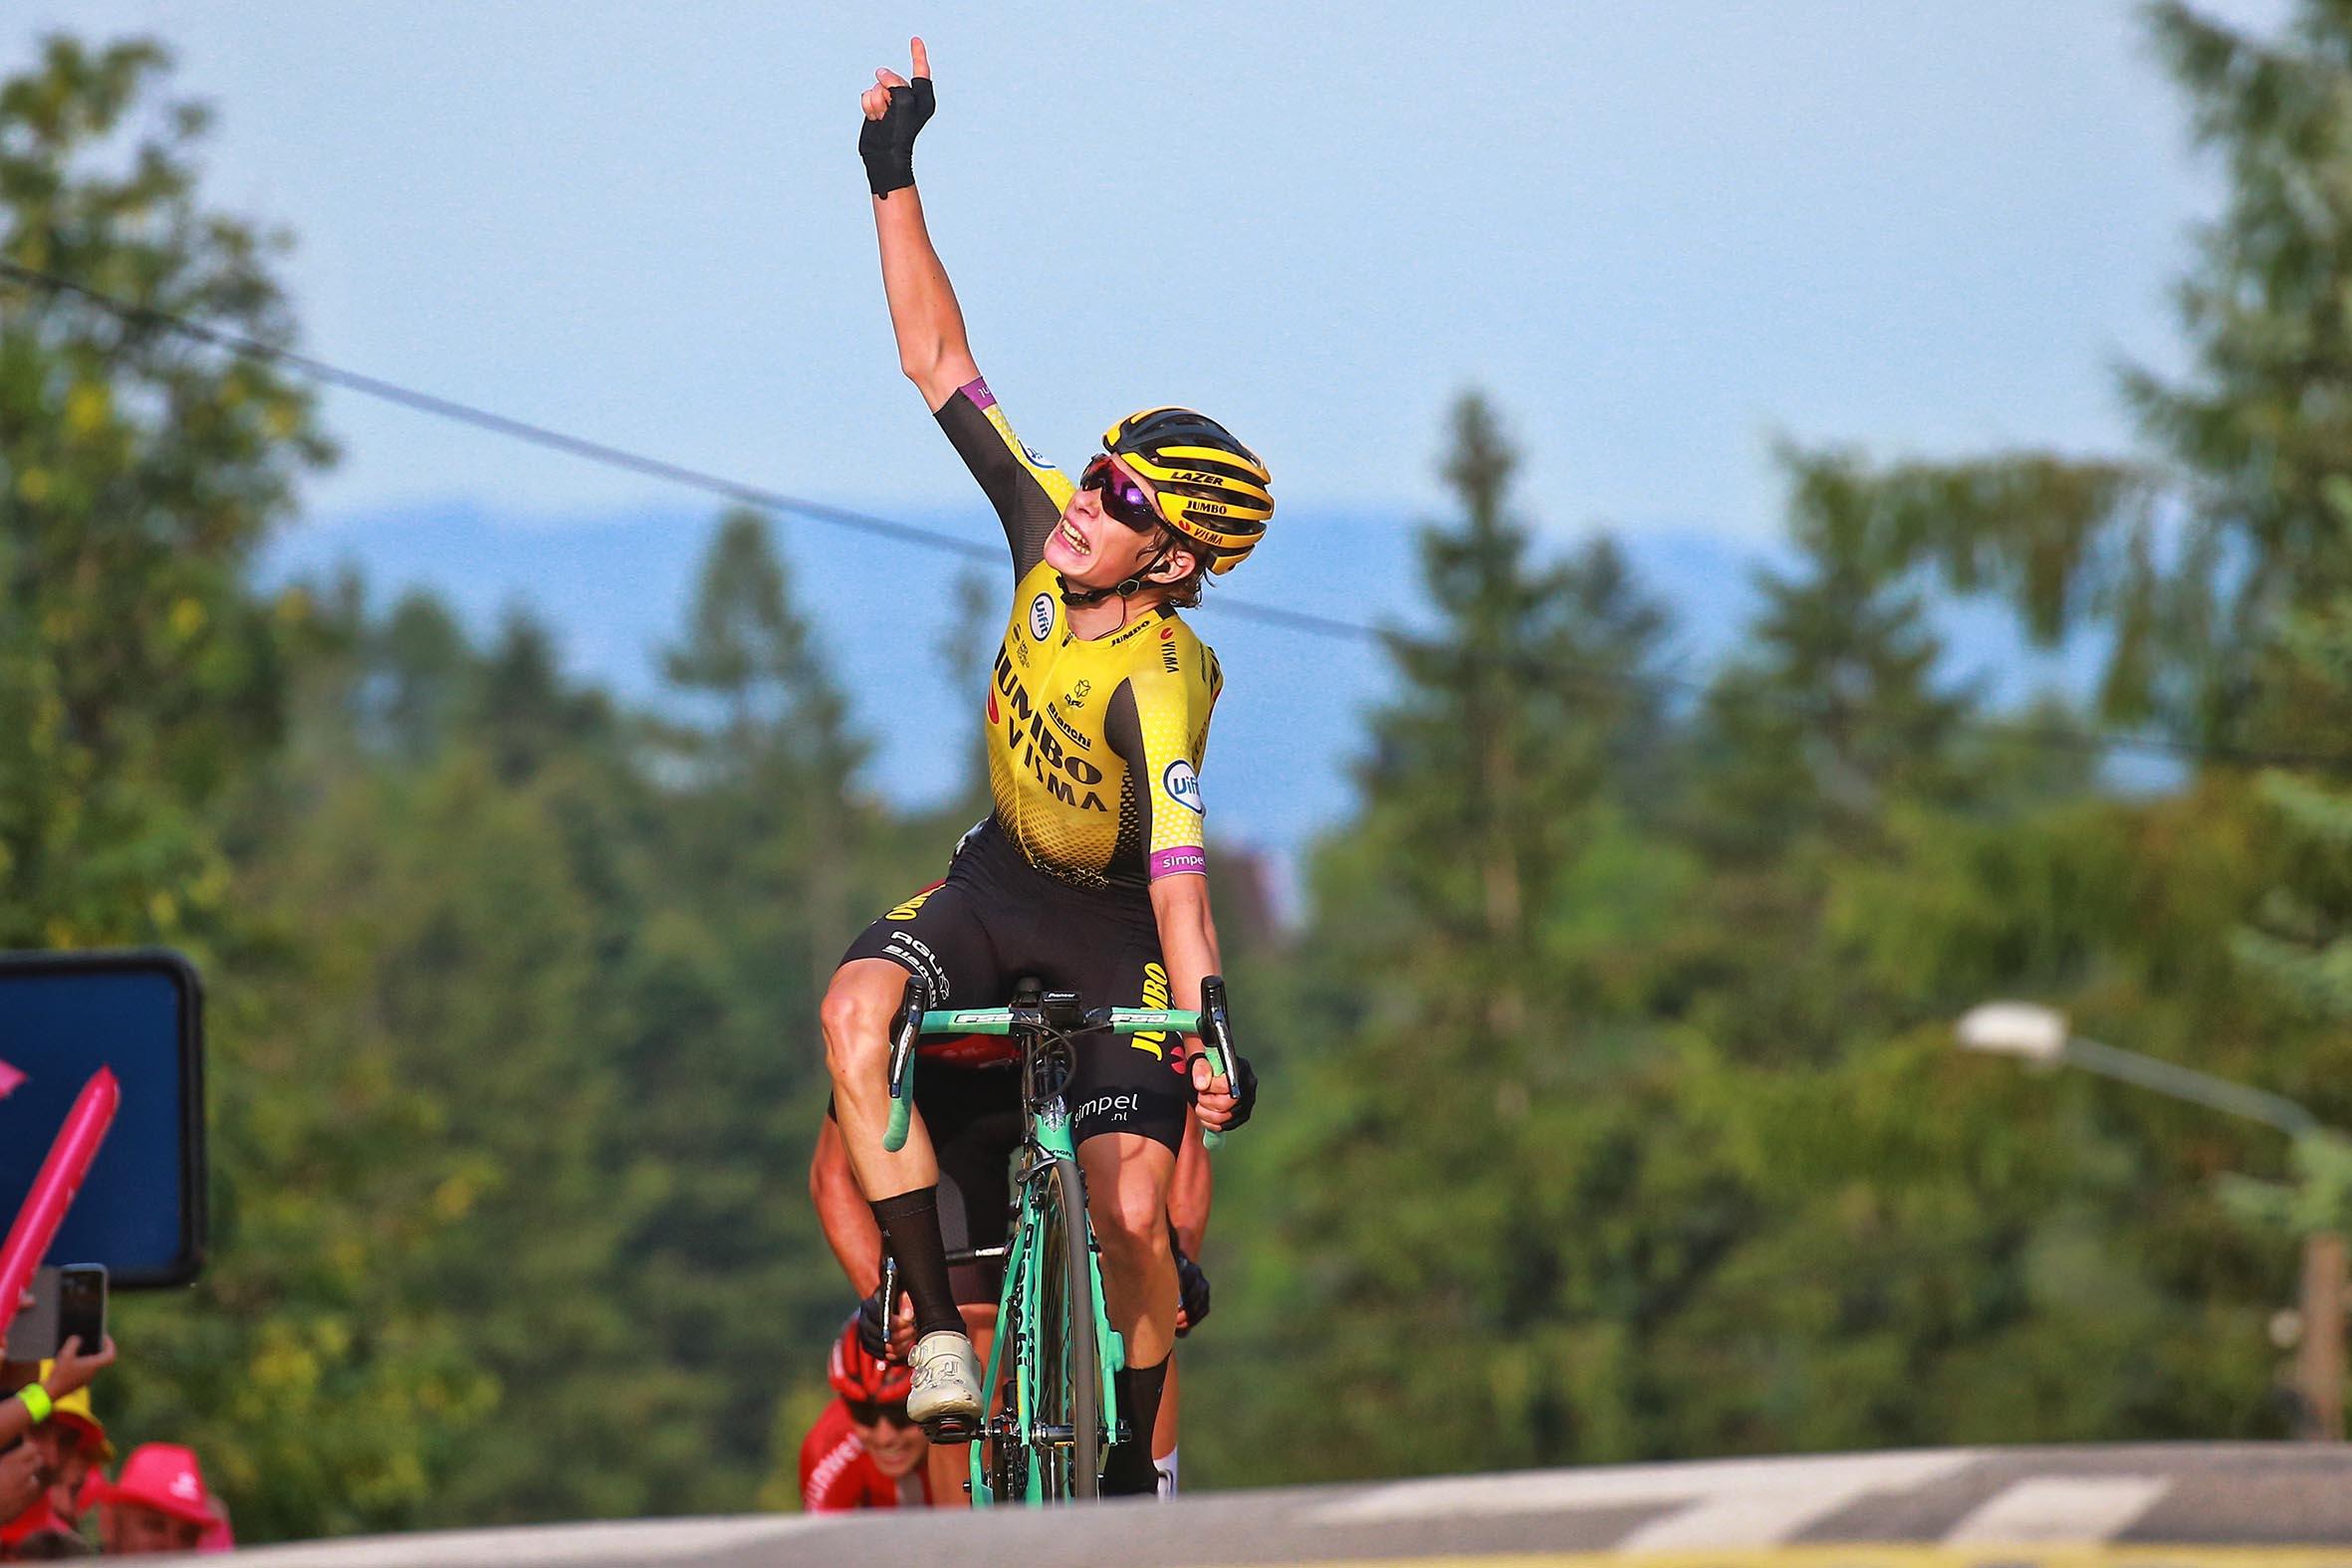 Danskerne i Tour de France 2021